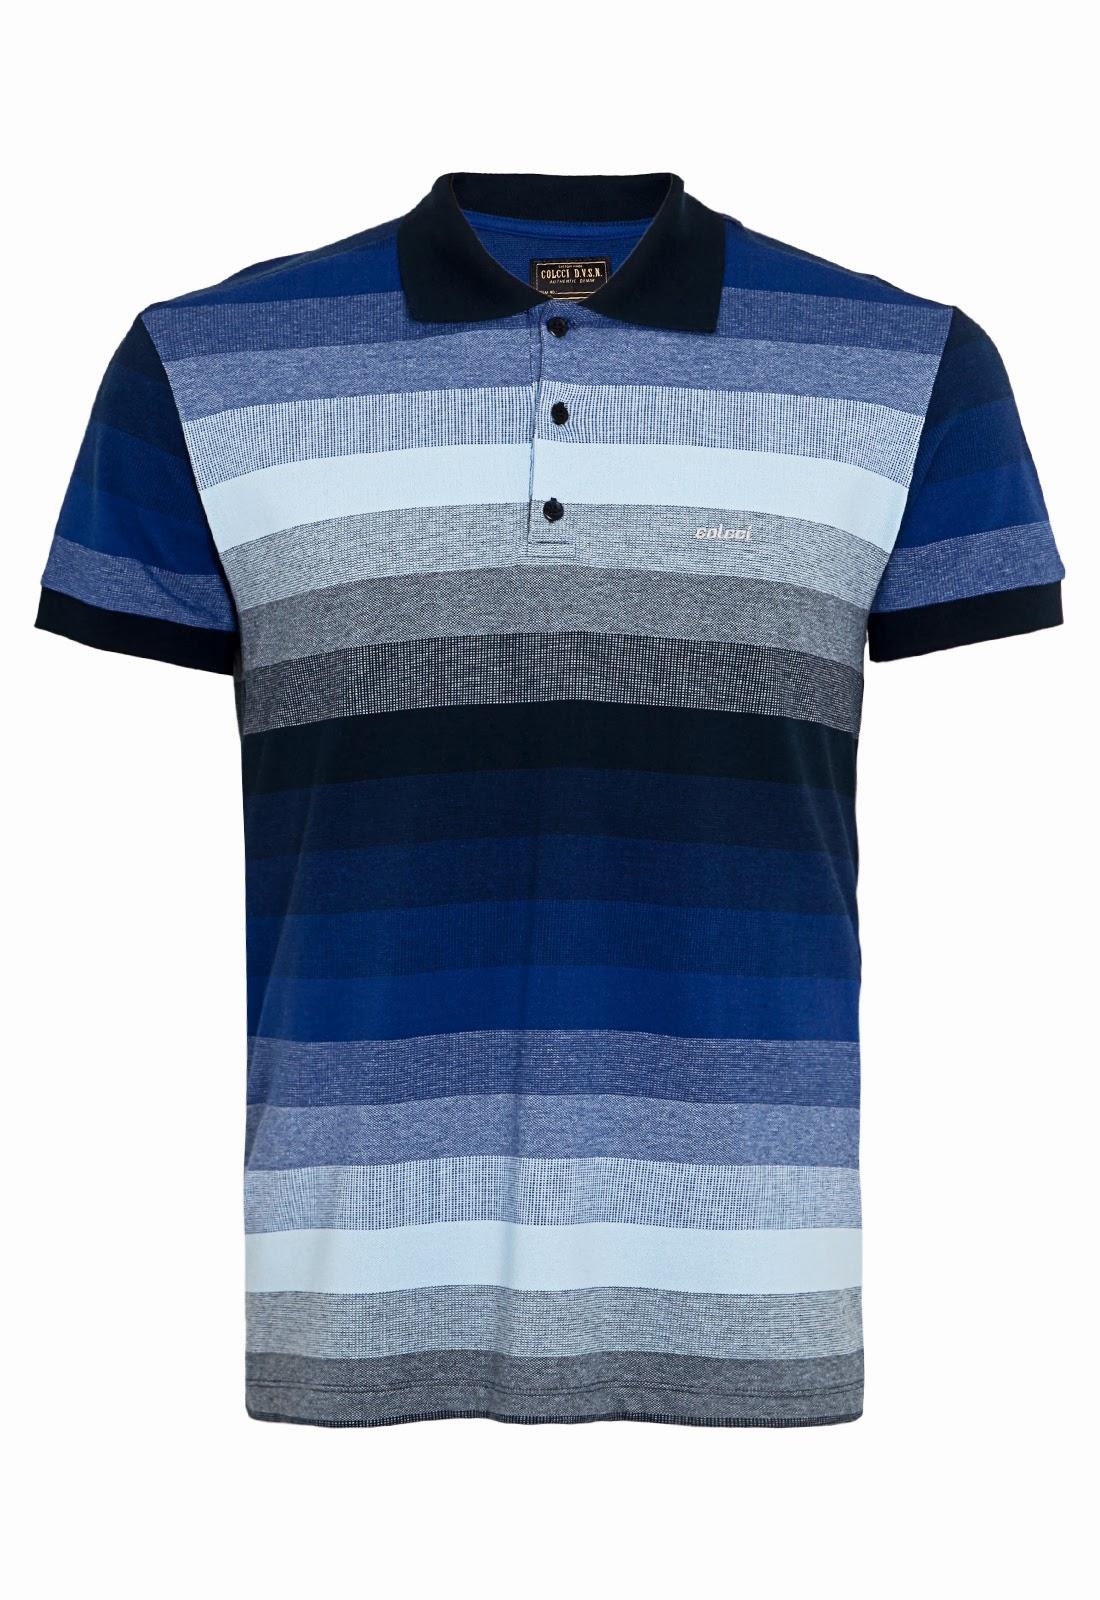 NOVIDADES DAFITI  Camisa Polo Colcci Brasil Trusted listrada em tons de azul.  click no link abaixo e veja muito mais. 756a3f6d7aa9a